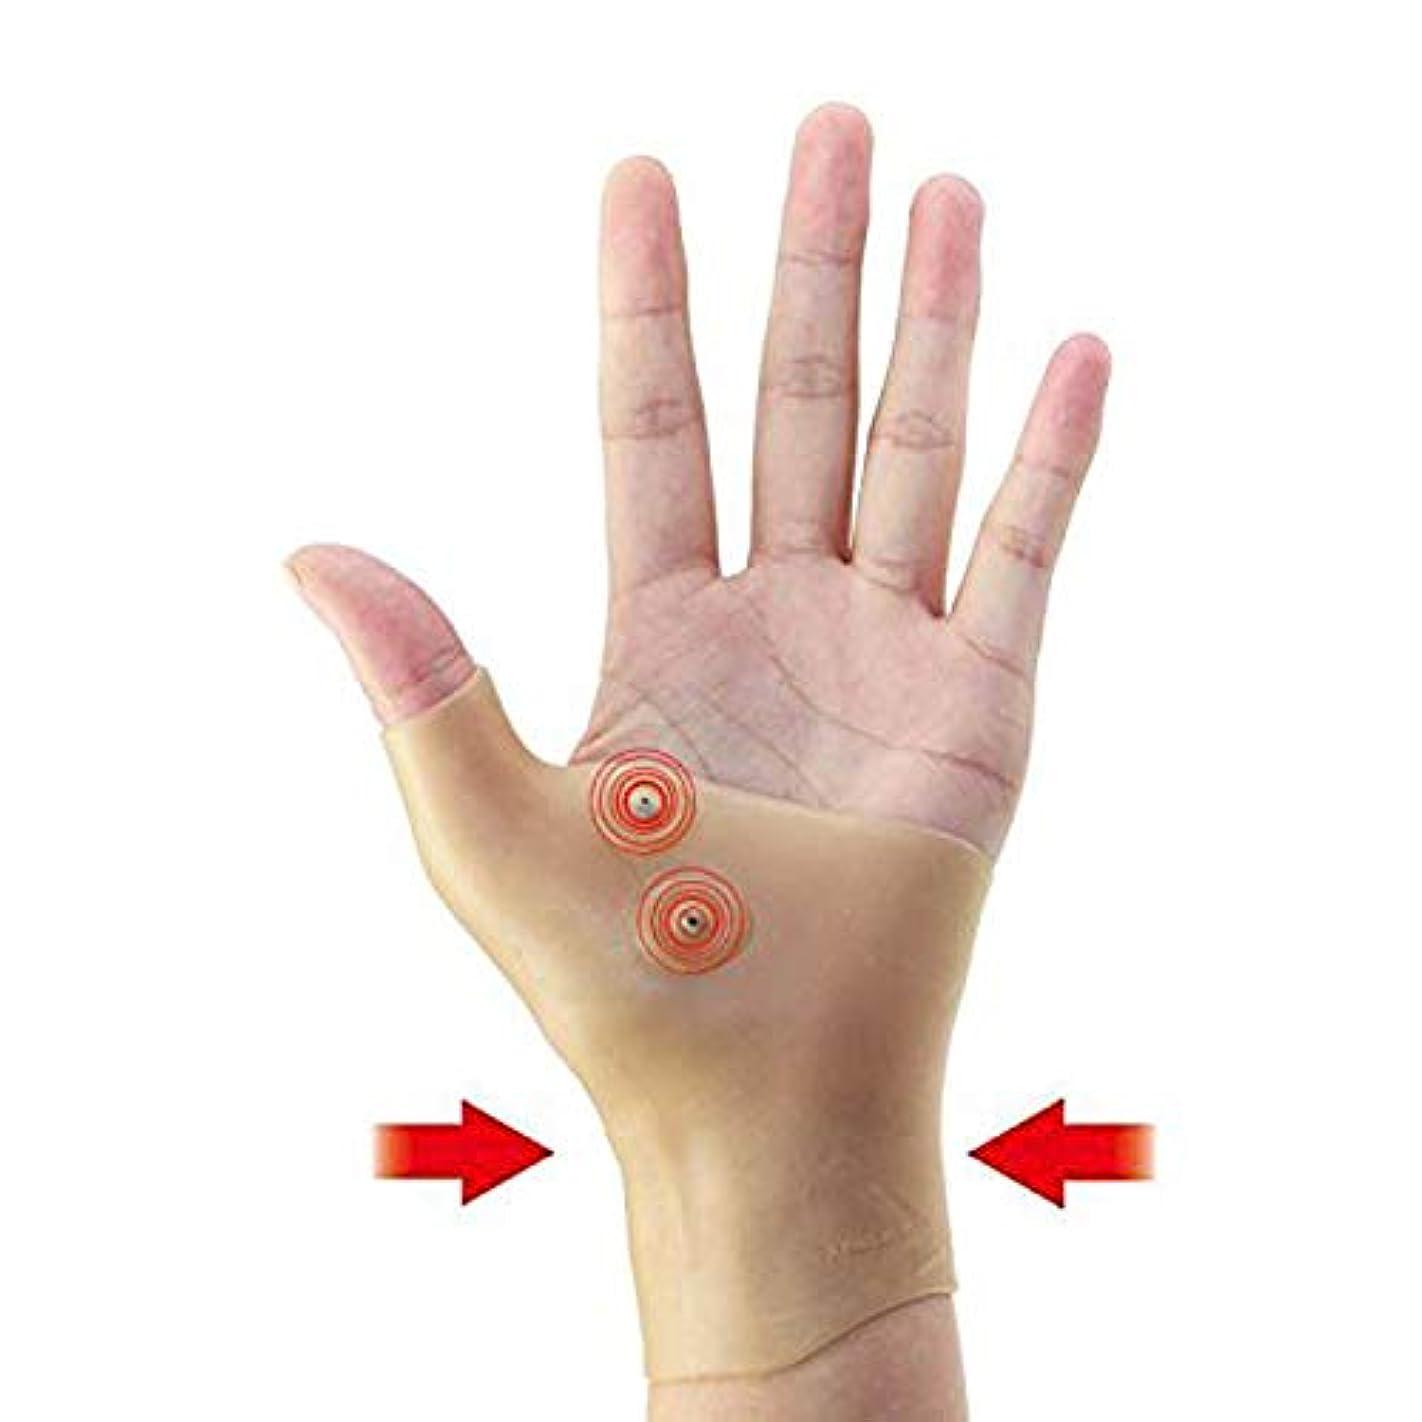 プレート確かに綺麗な磁気 圧縮手袋 - Delaman 指なし 手袋、健康手袋、圧着効果、疲労減少、健康関節、磁気療法、手首サポーター、ユニセックス